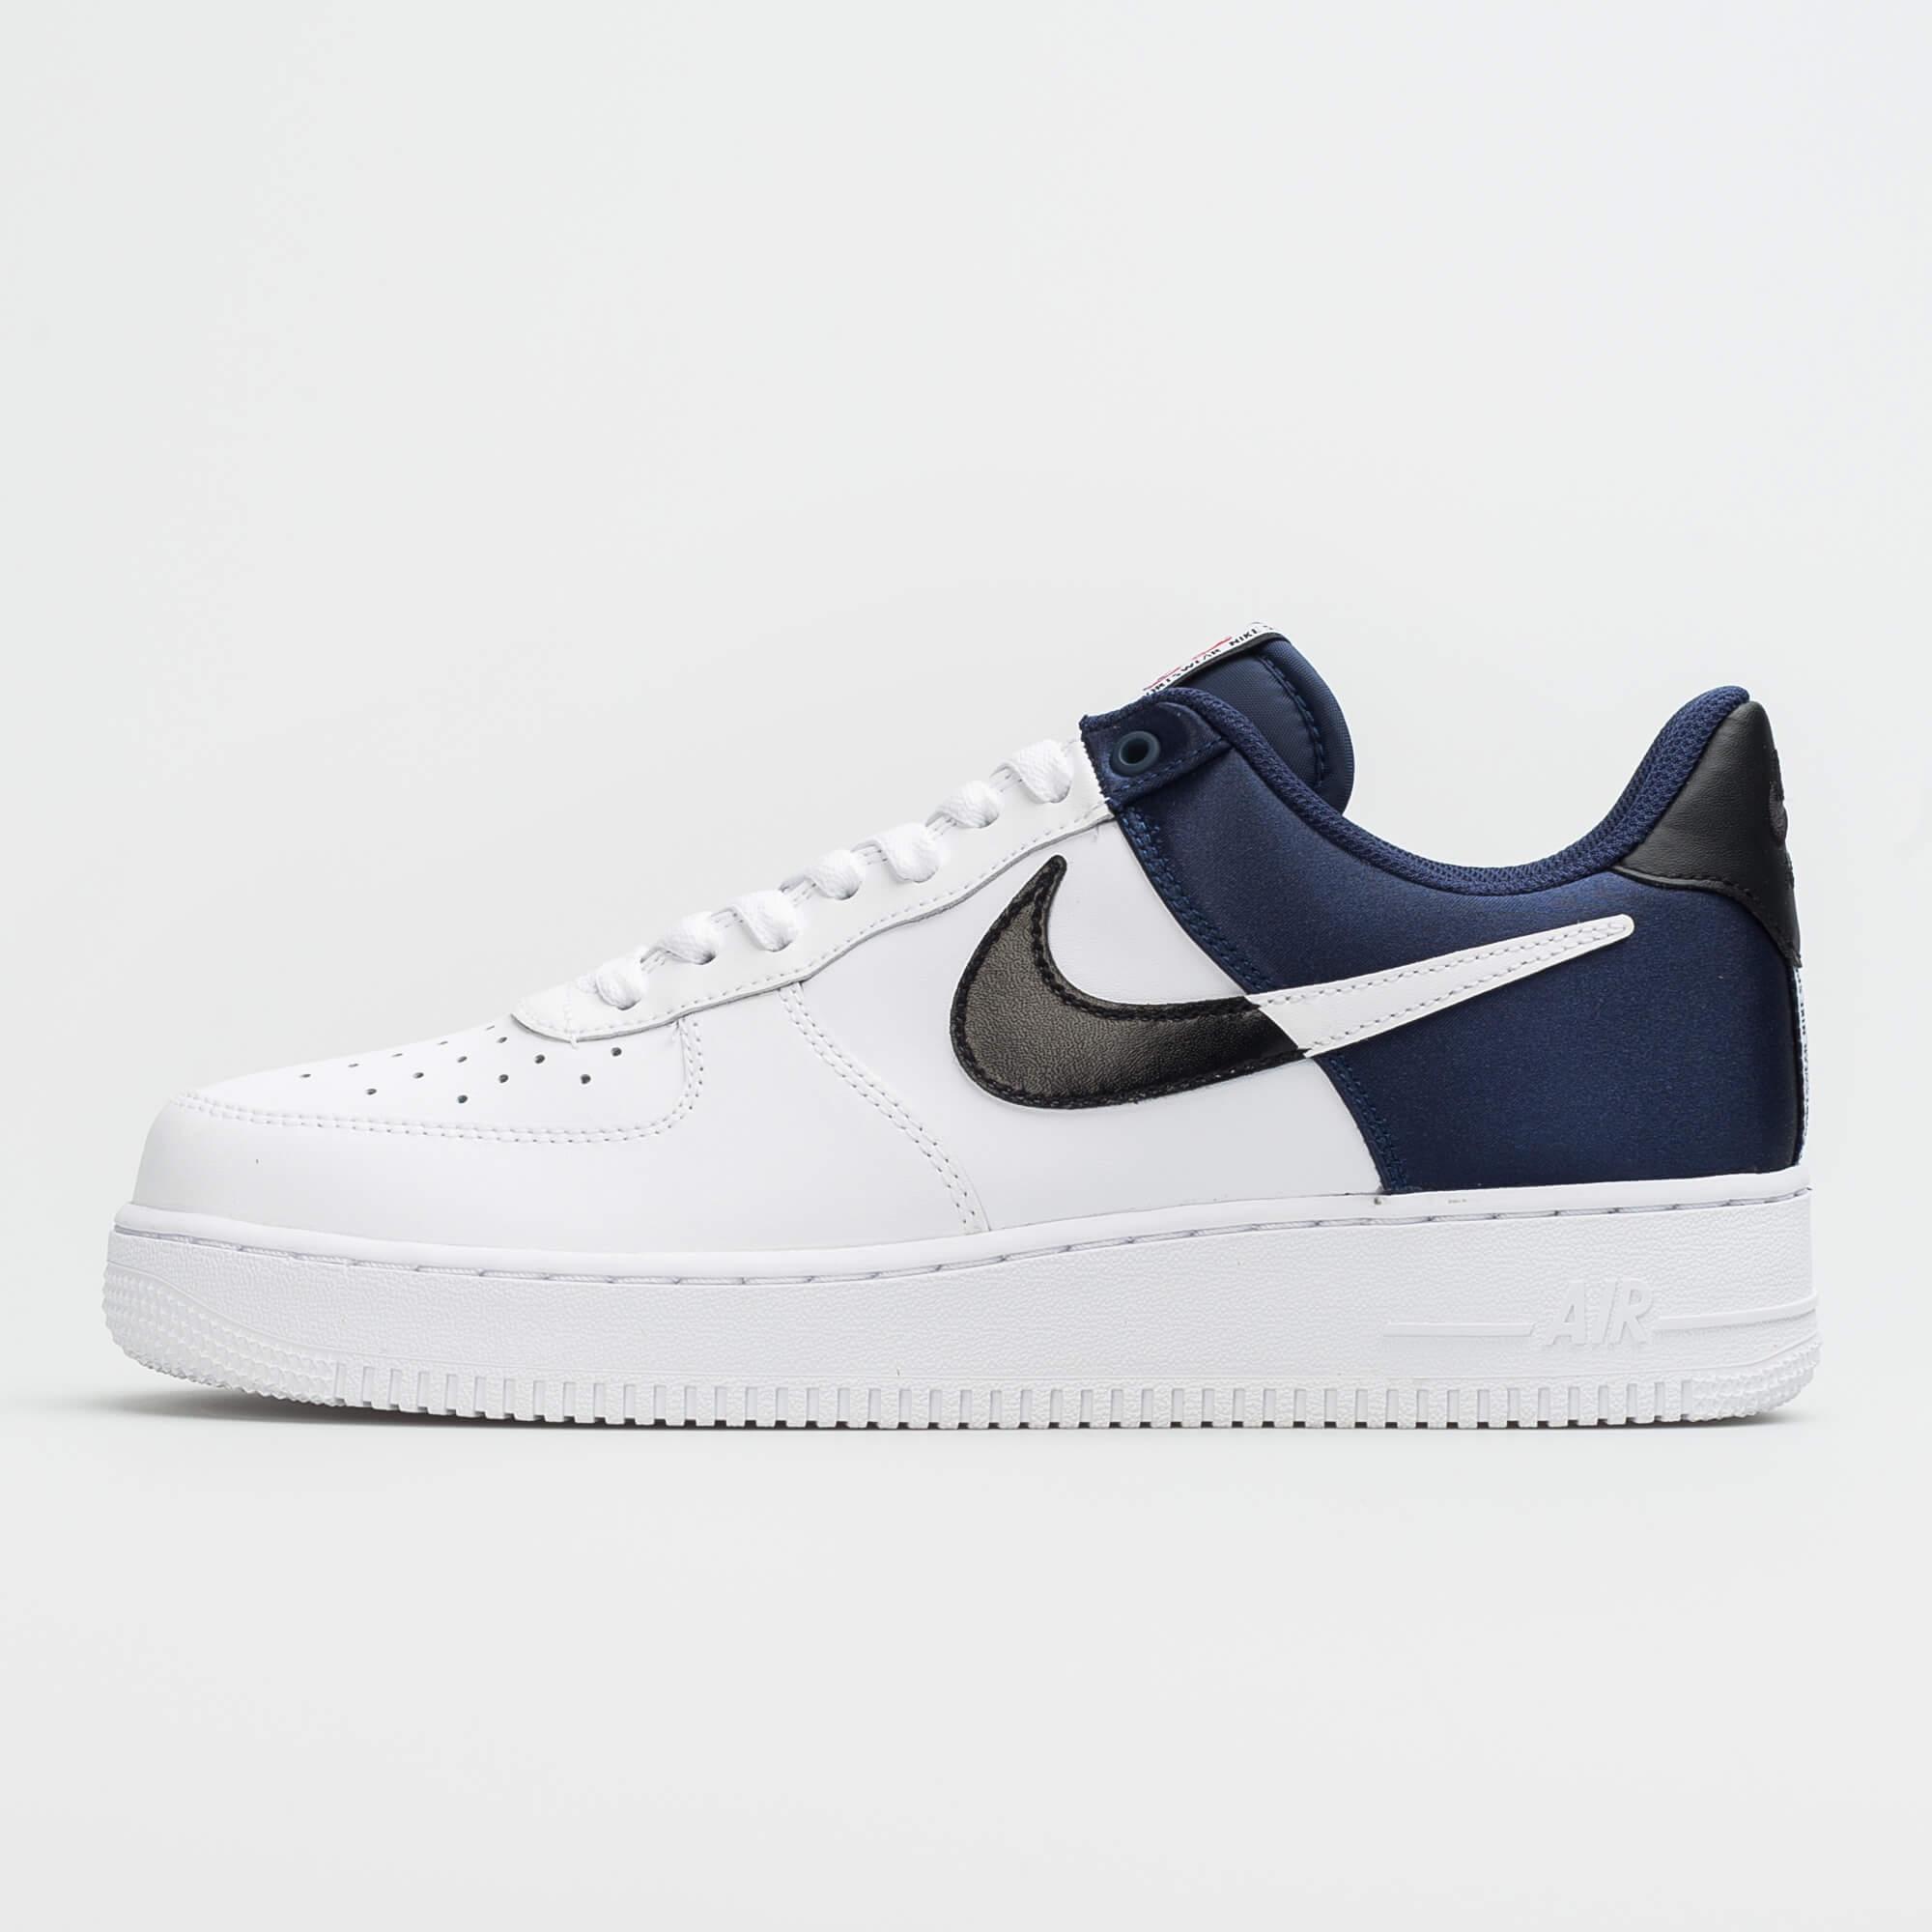 Nike AIR FORCE 1 314192 117 3.5Y EU 35.5CM 22.5 Ceny i